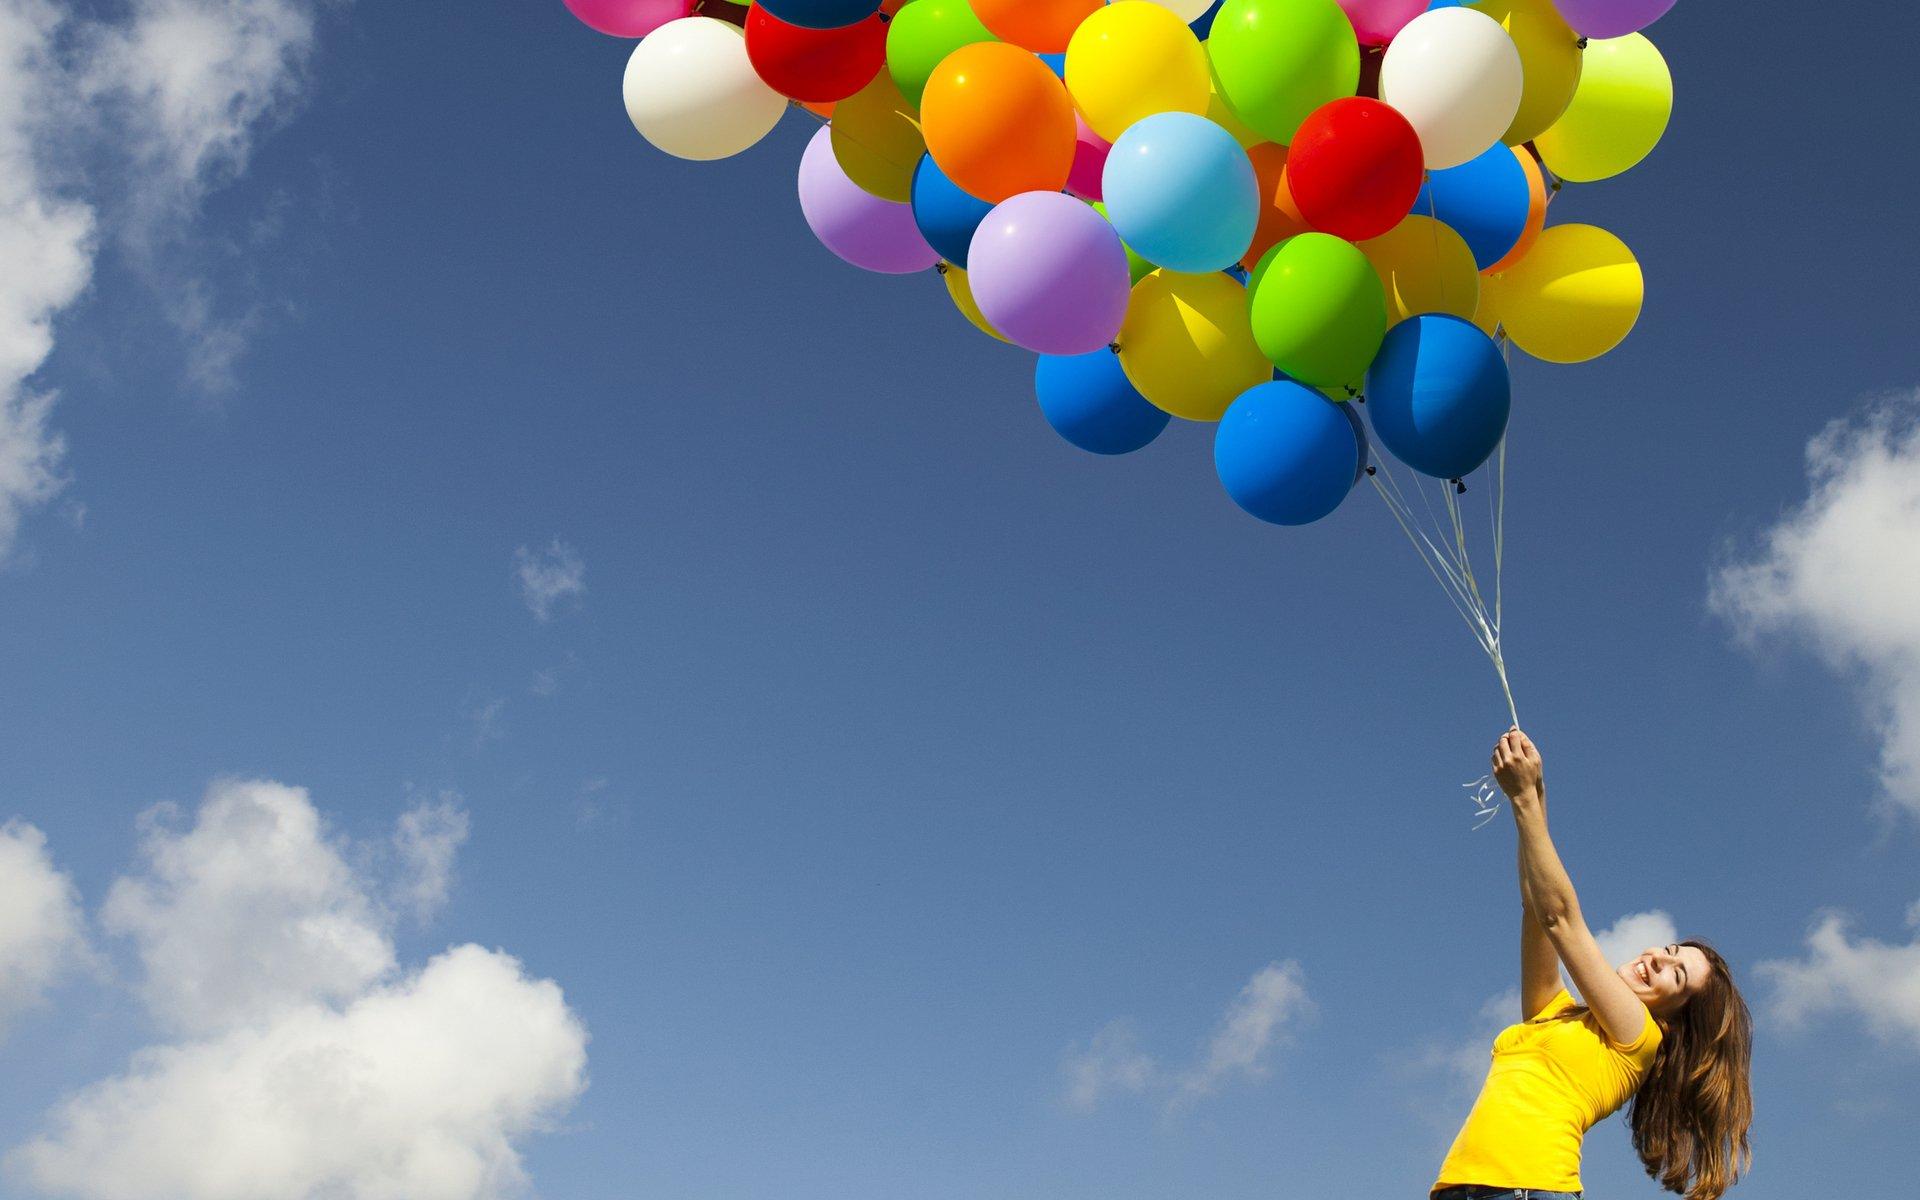 Фото девушки и шарики 2 фотография